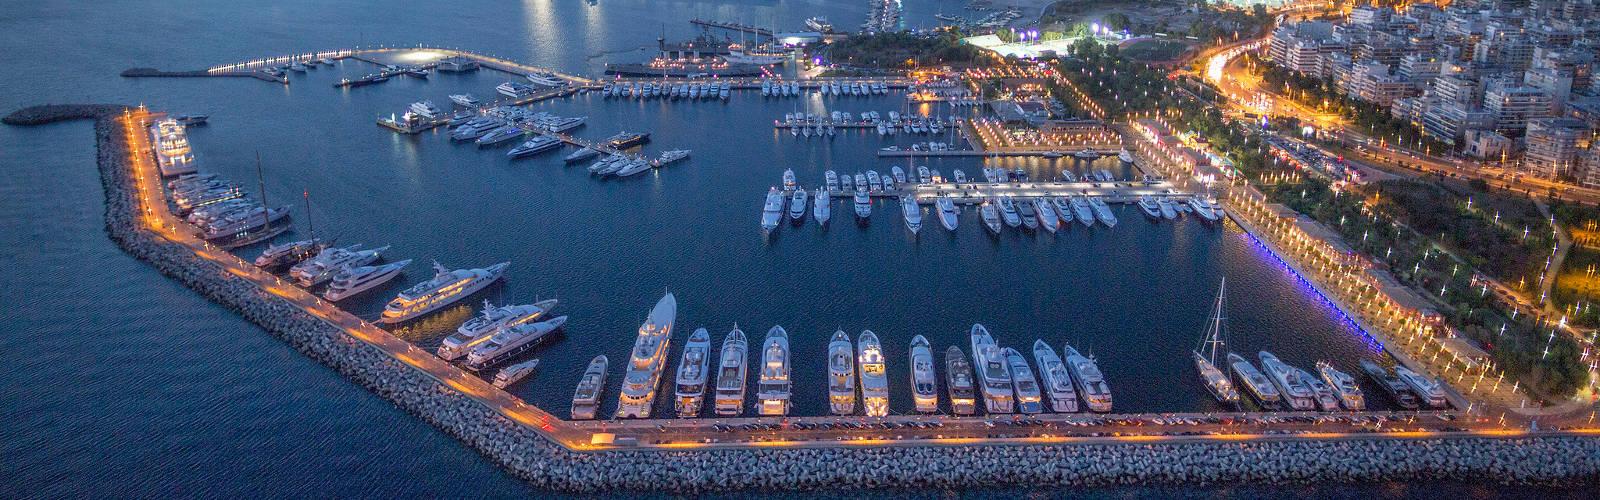 Digital Yacht Week